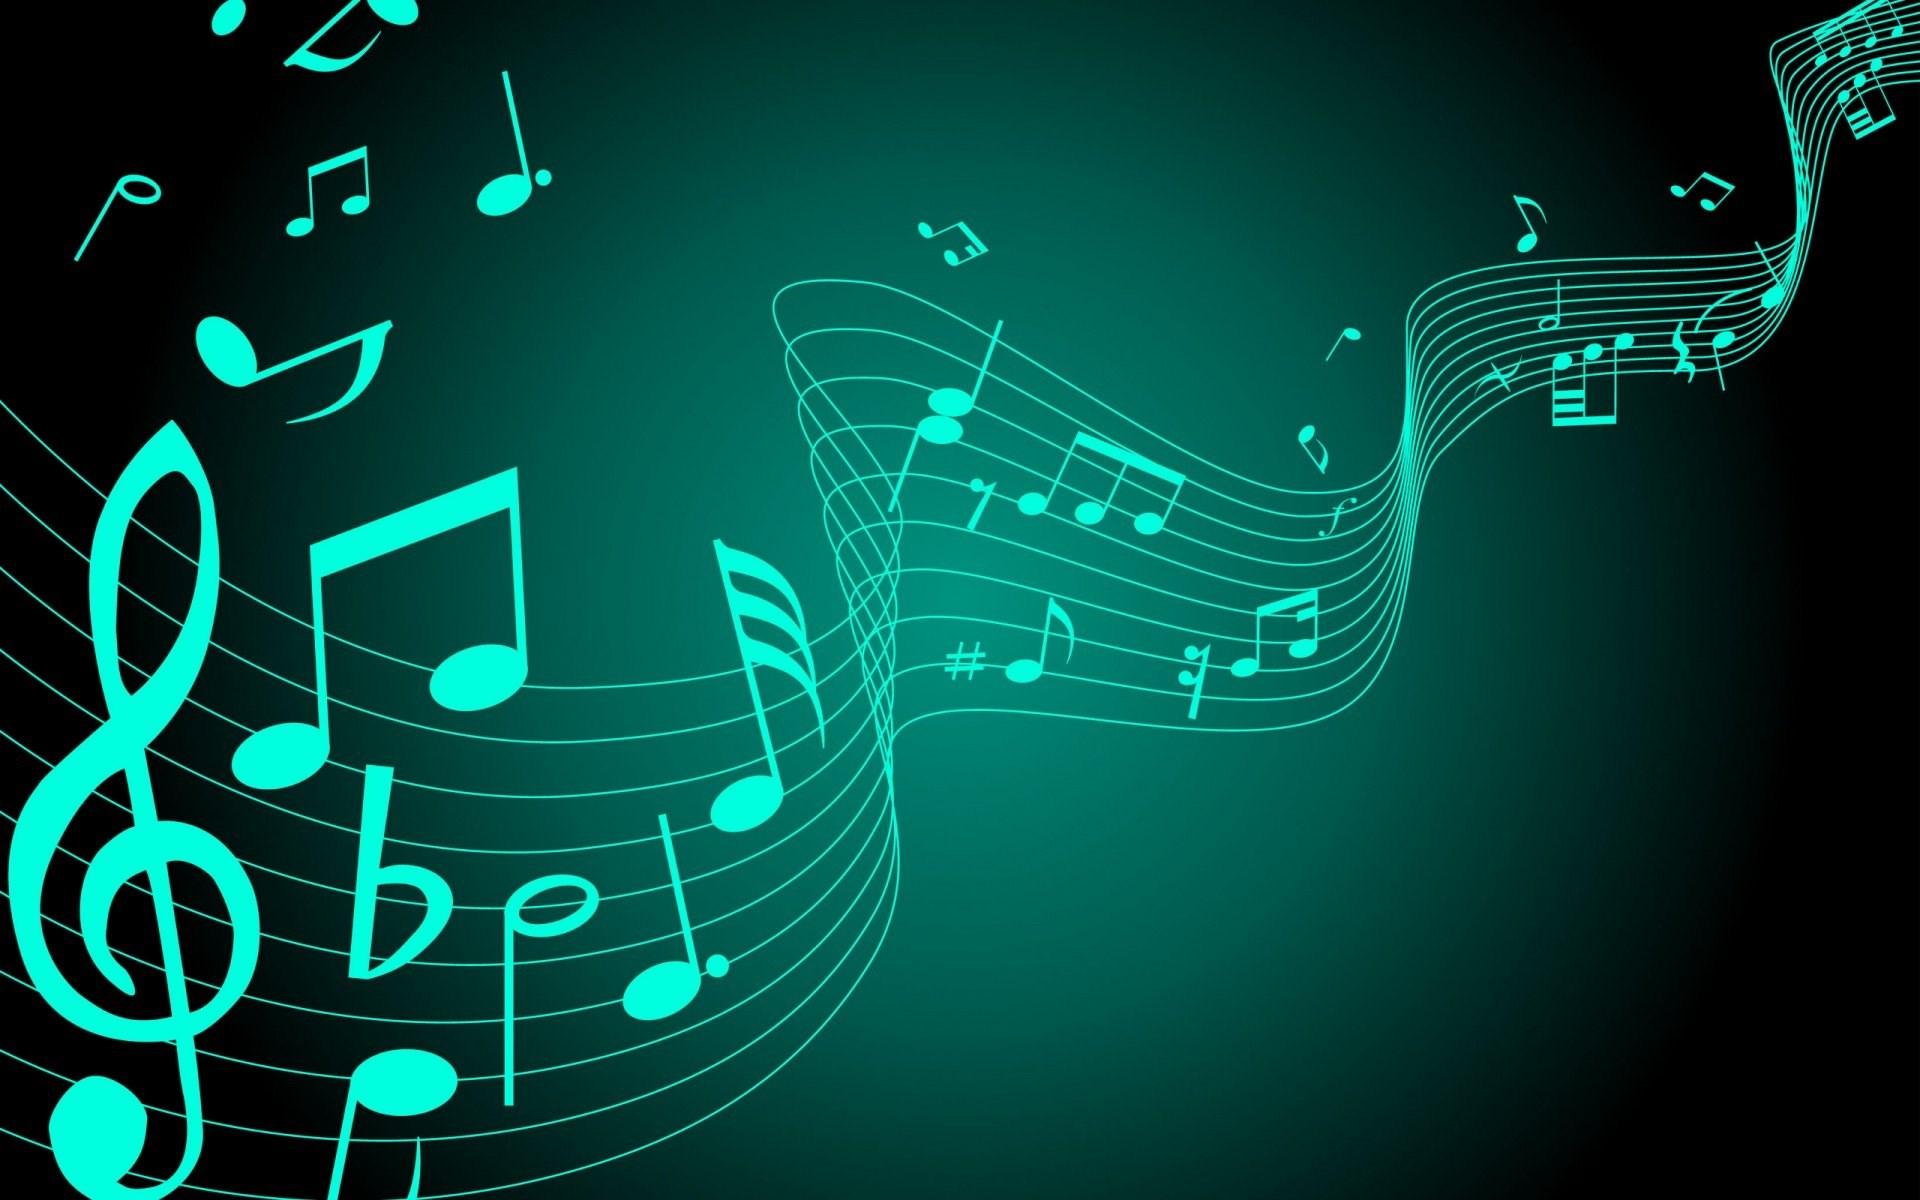 можно картинки с тематикой музыки иллюминацией